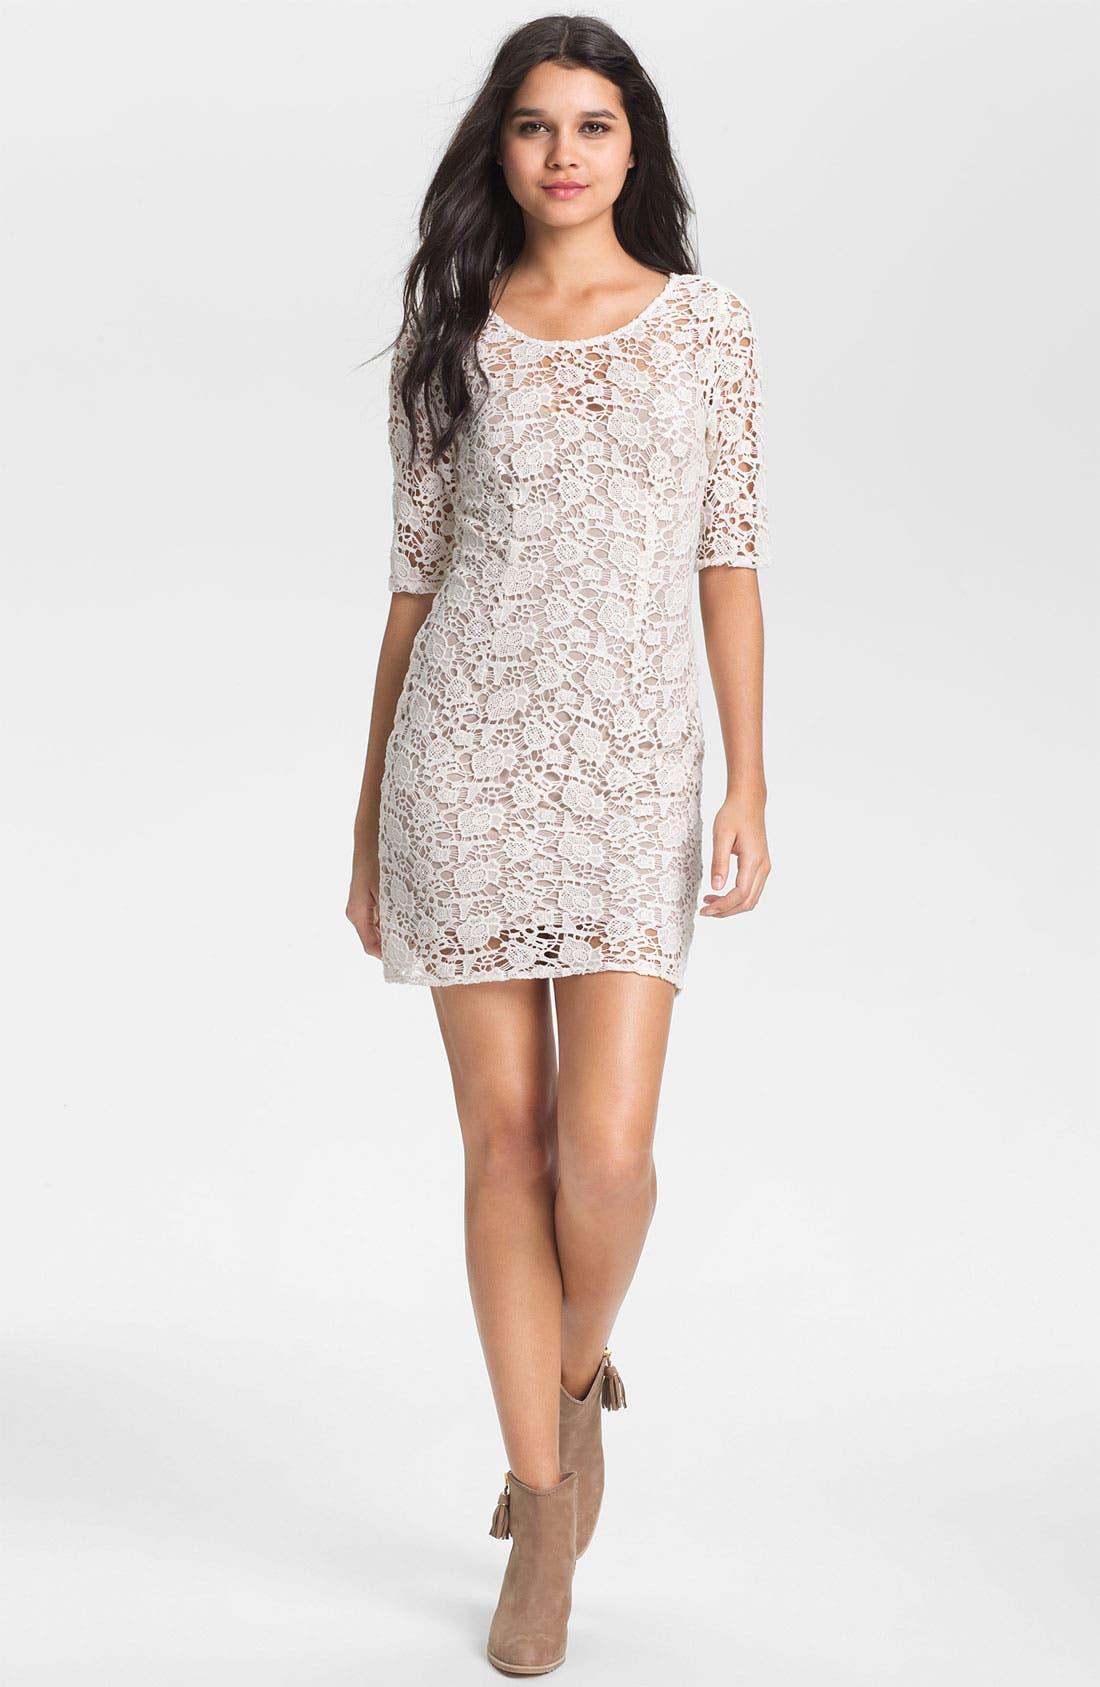 Main Image - Lily Aldridge for Velvet by Graham & Spencer Crochet Lace Dress